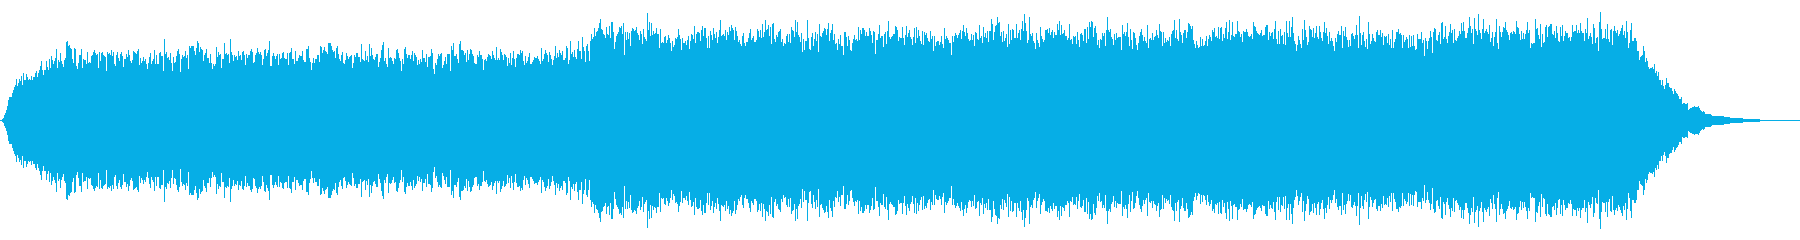 オープニングやプレゼンに最適なBGMの再生済みの波形